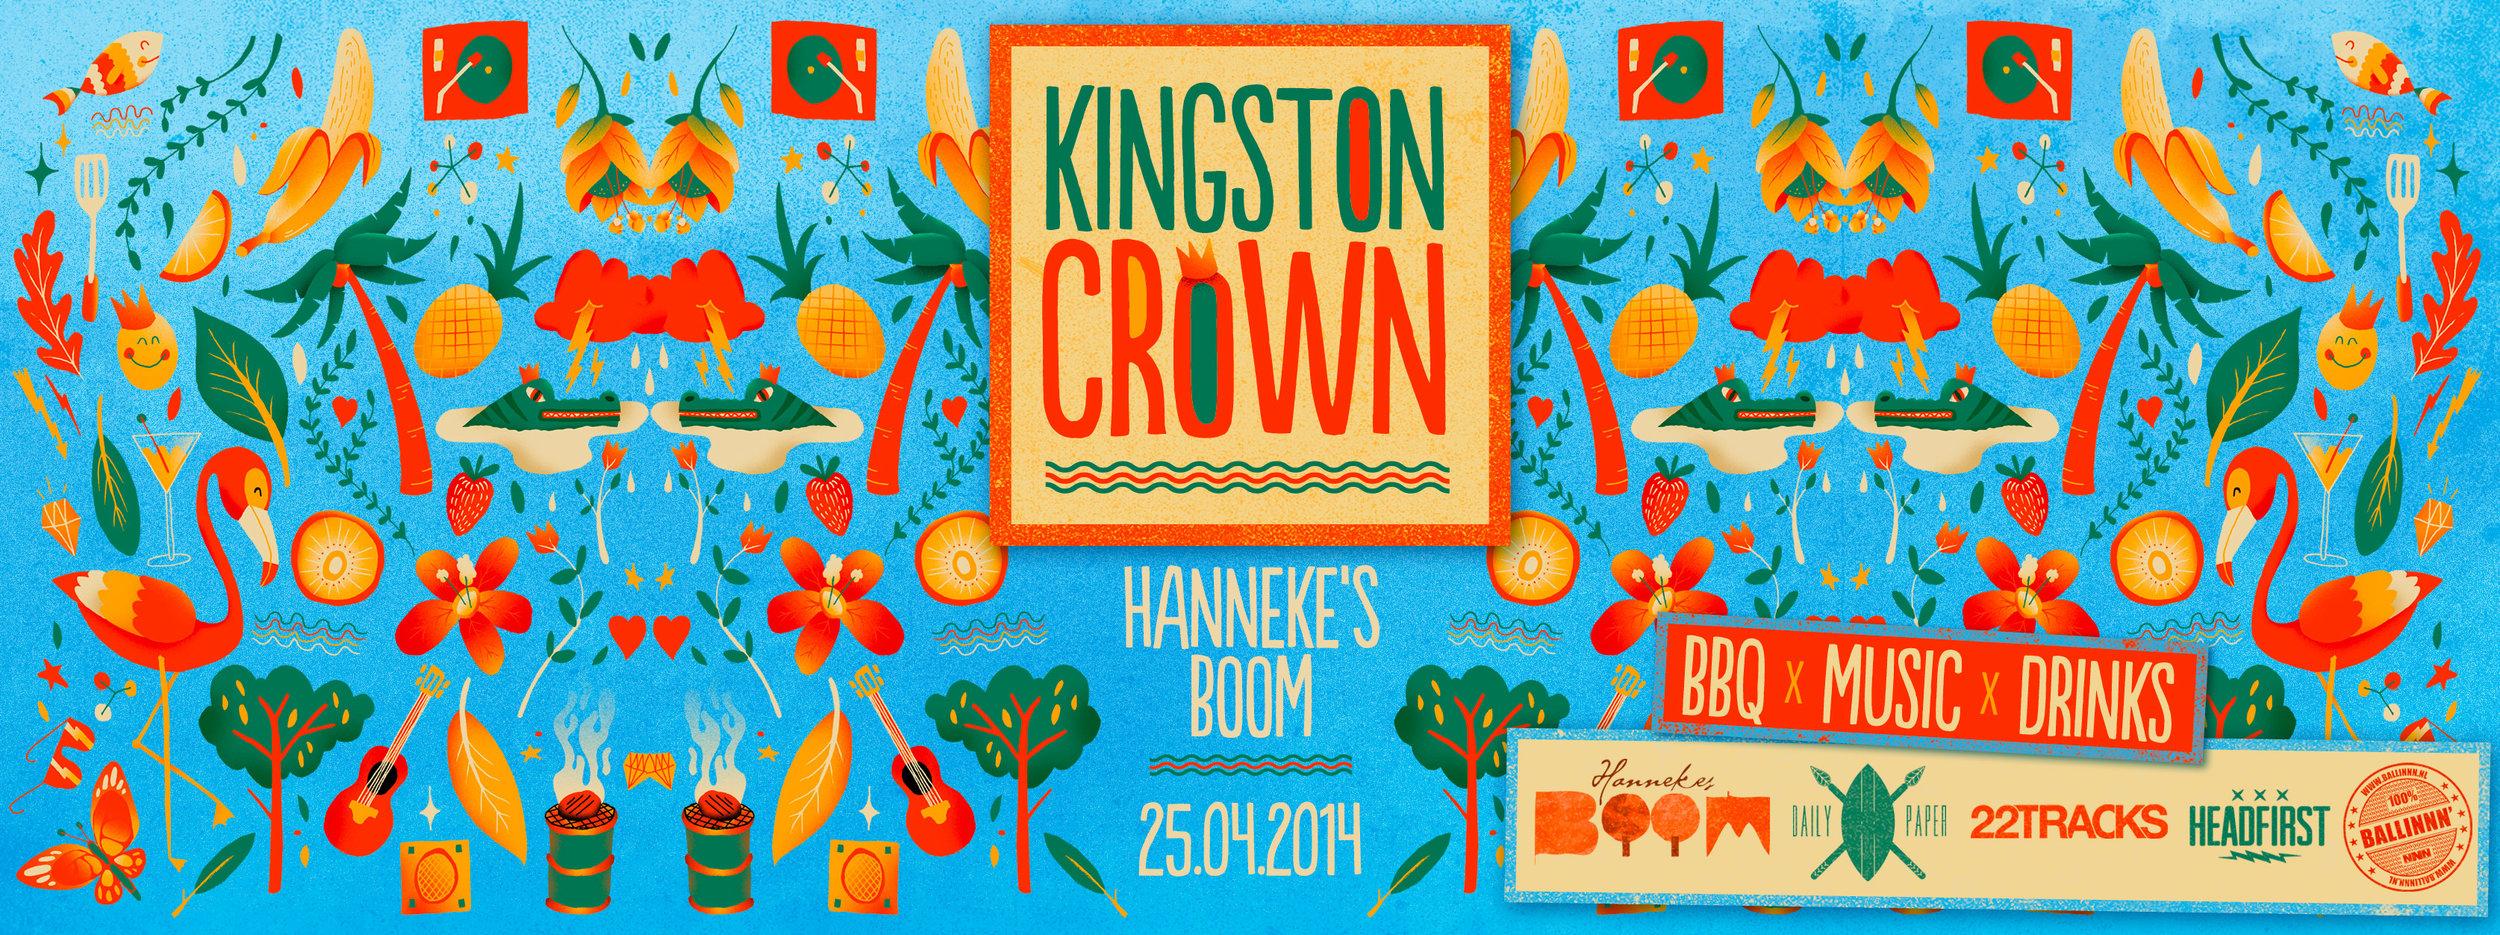 kingston2015.jpg